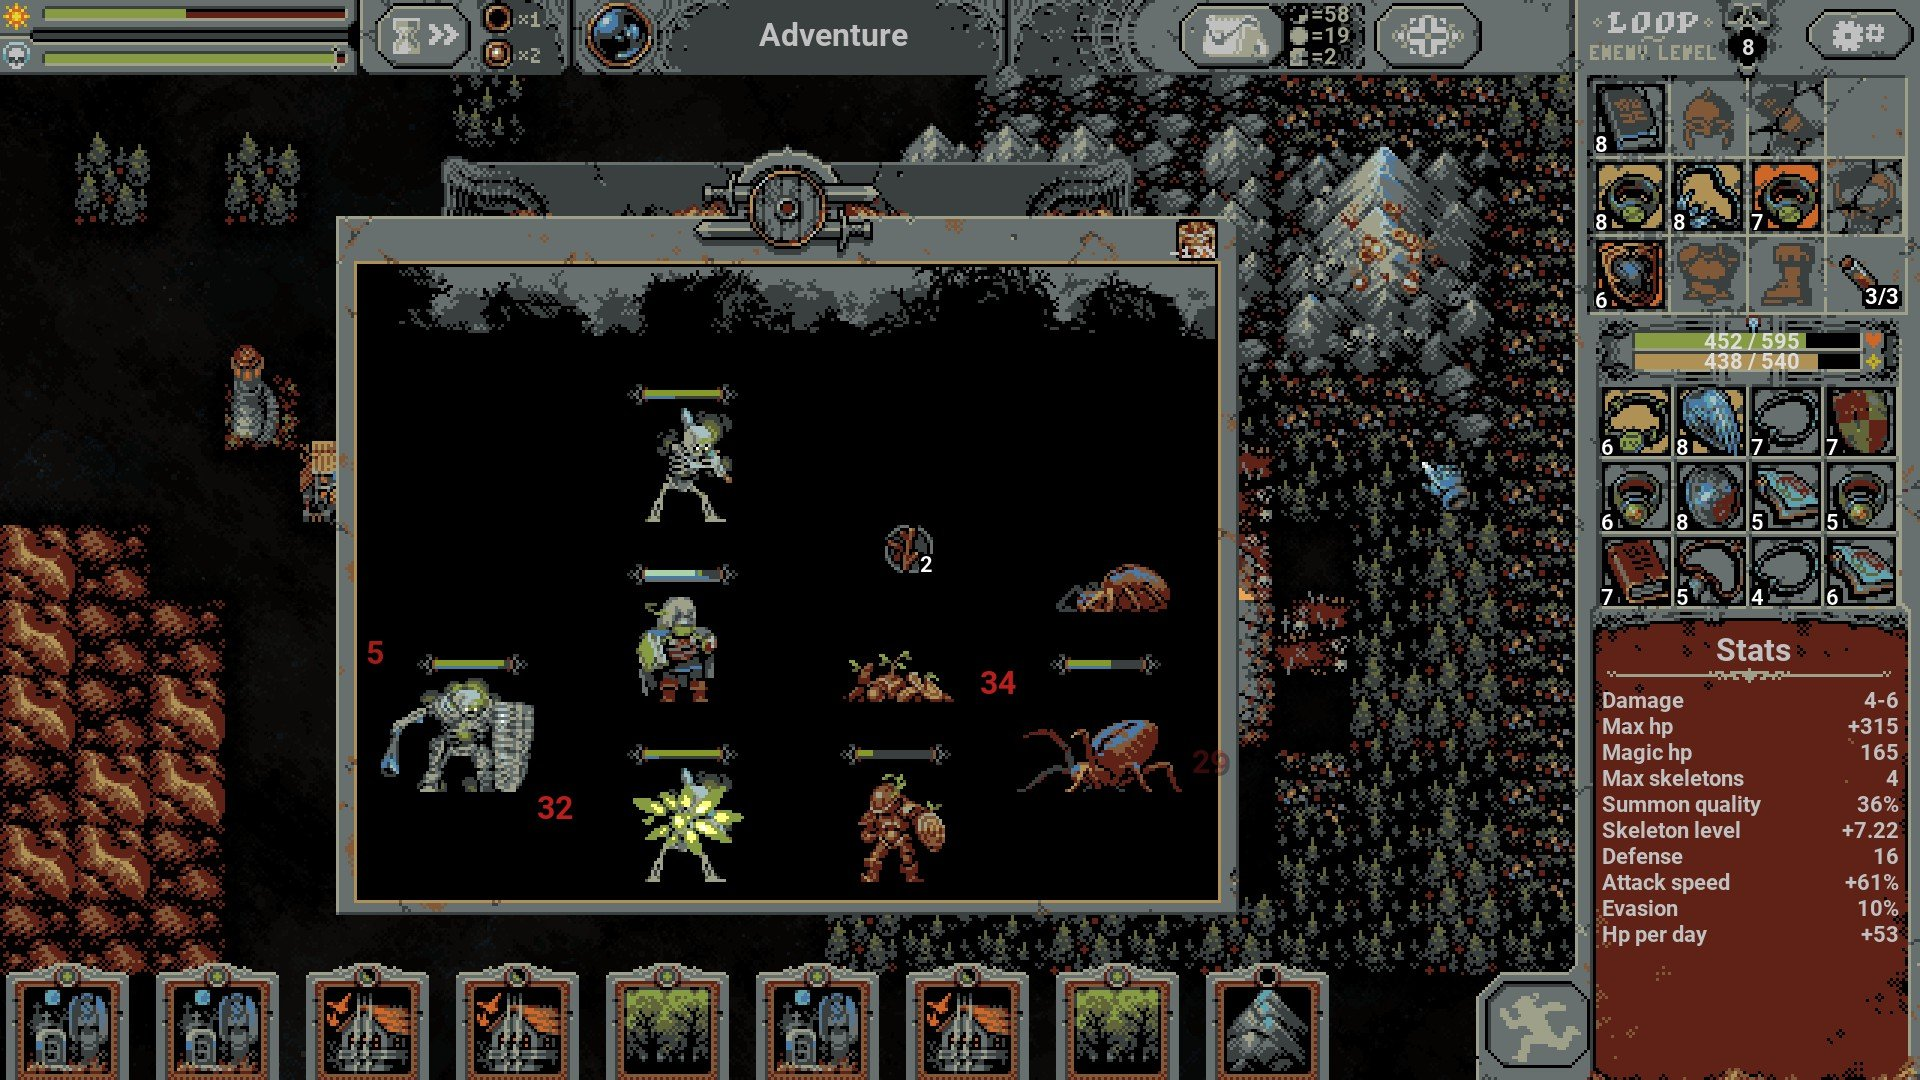 Loop Hero - Skeleton Quality Types